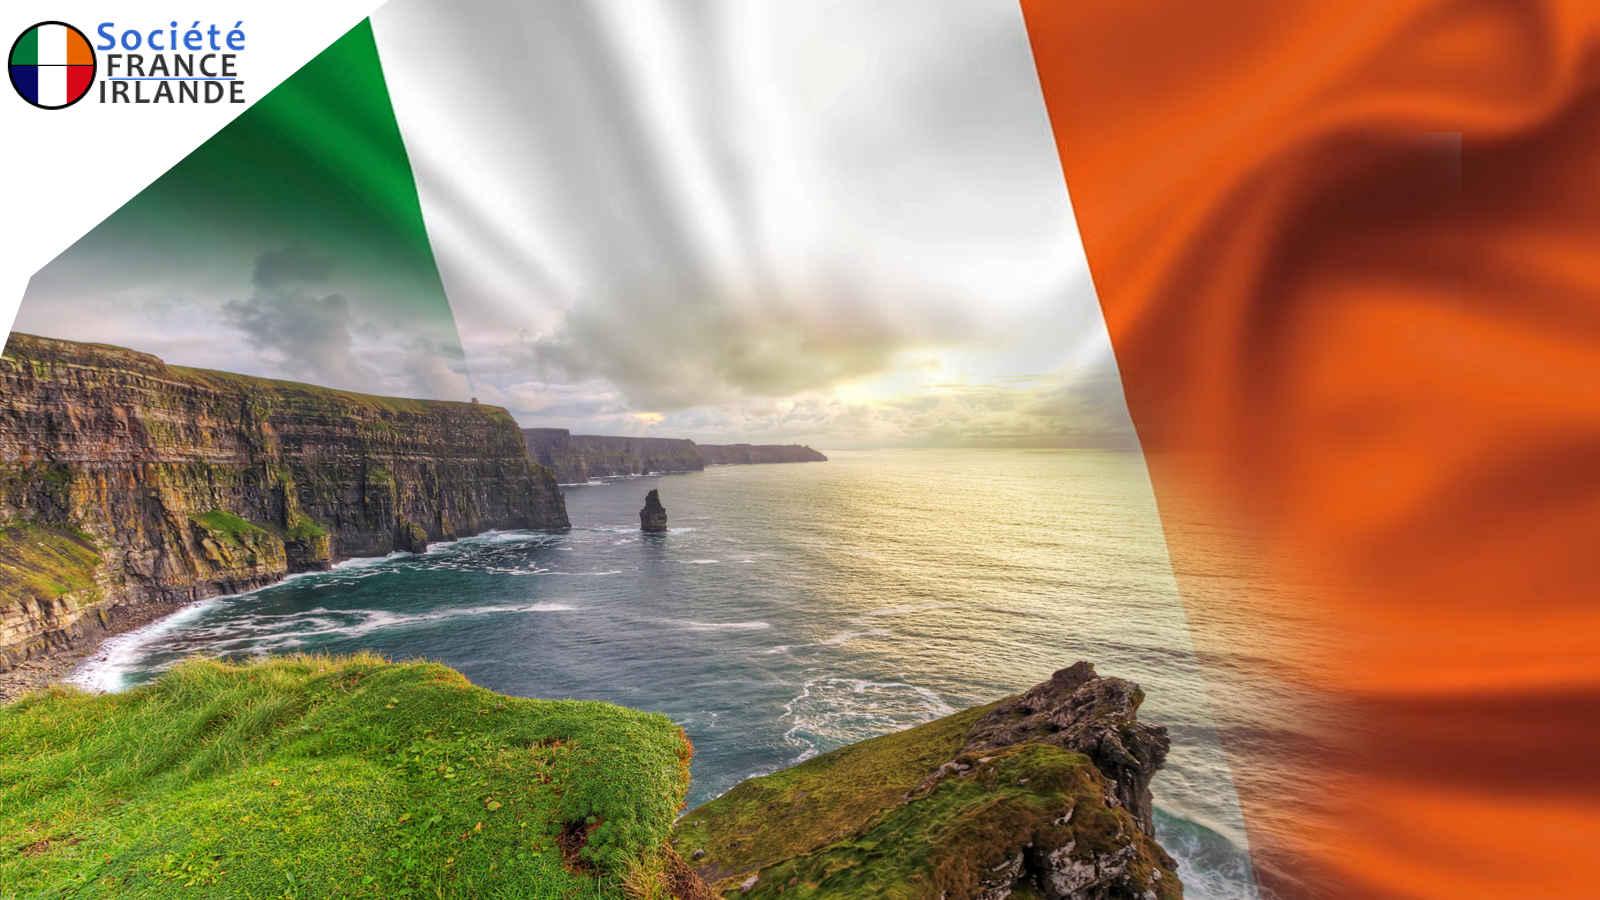 comment cr u00e9er son entreprise en irlande